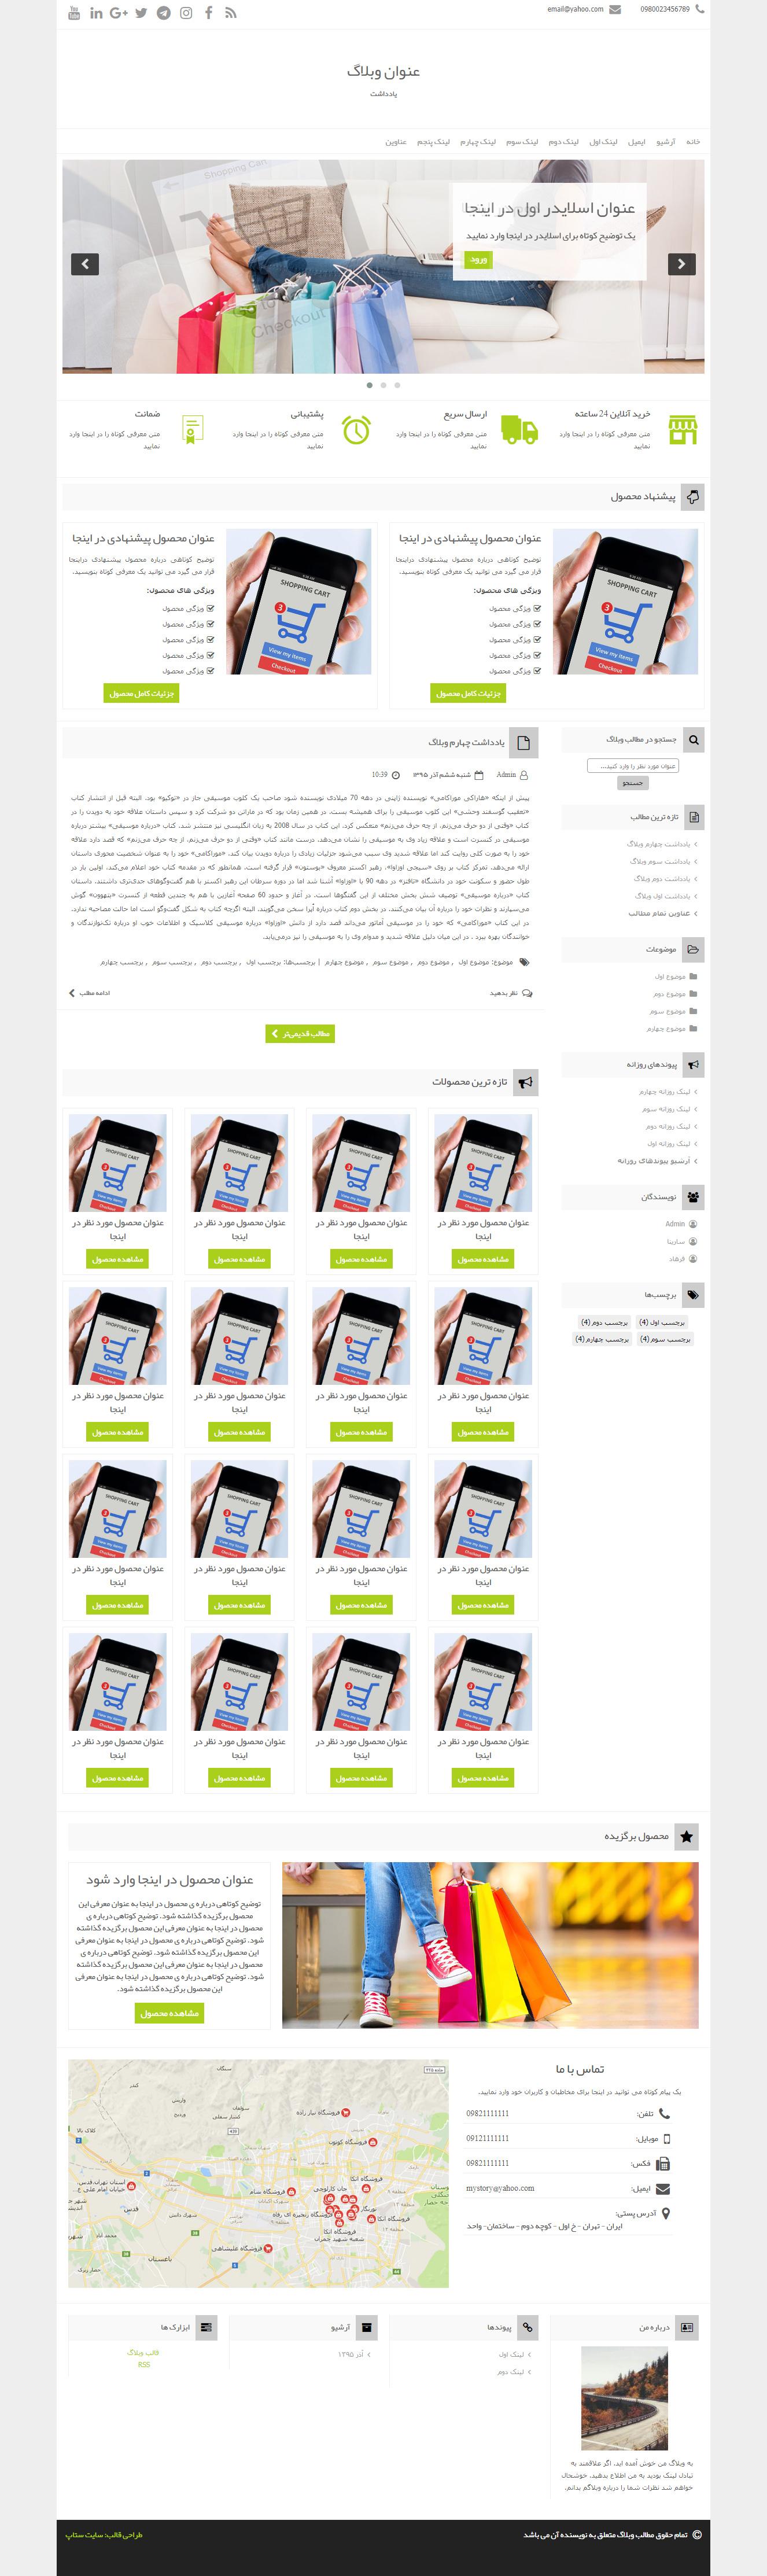 قالب حرفه ای وبلاگ - فروشگاهی